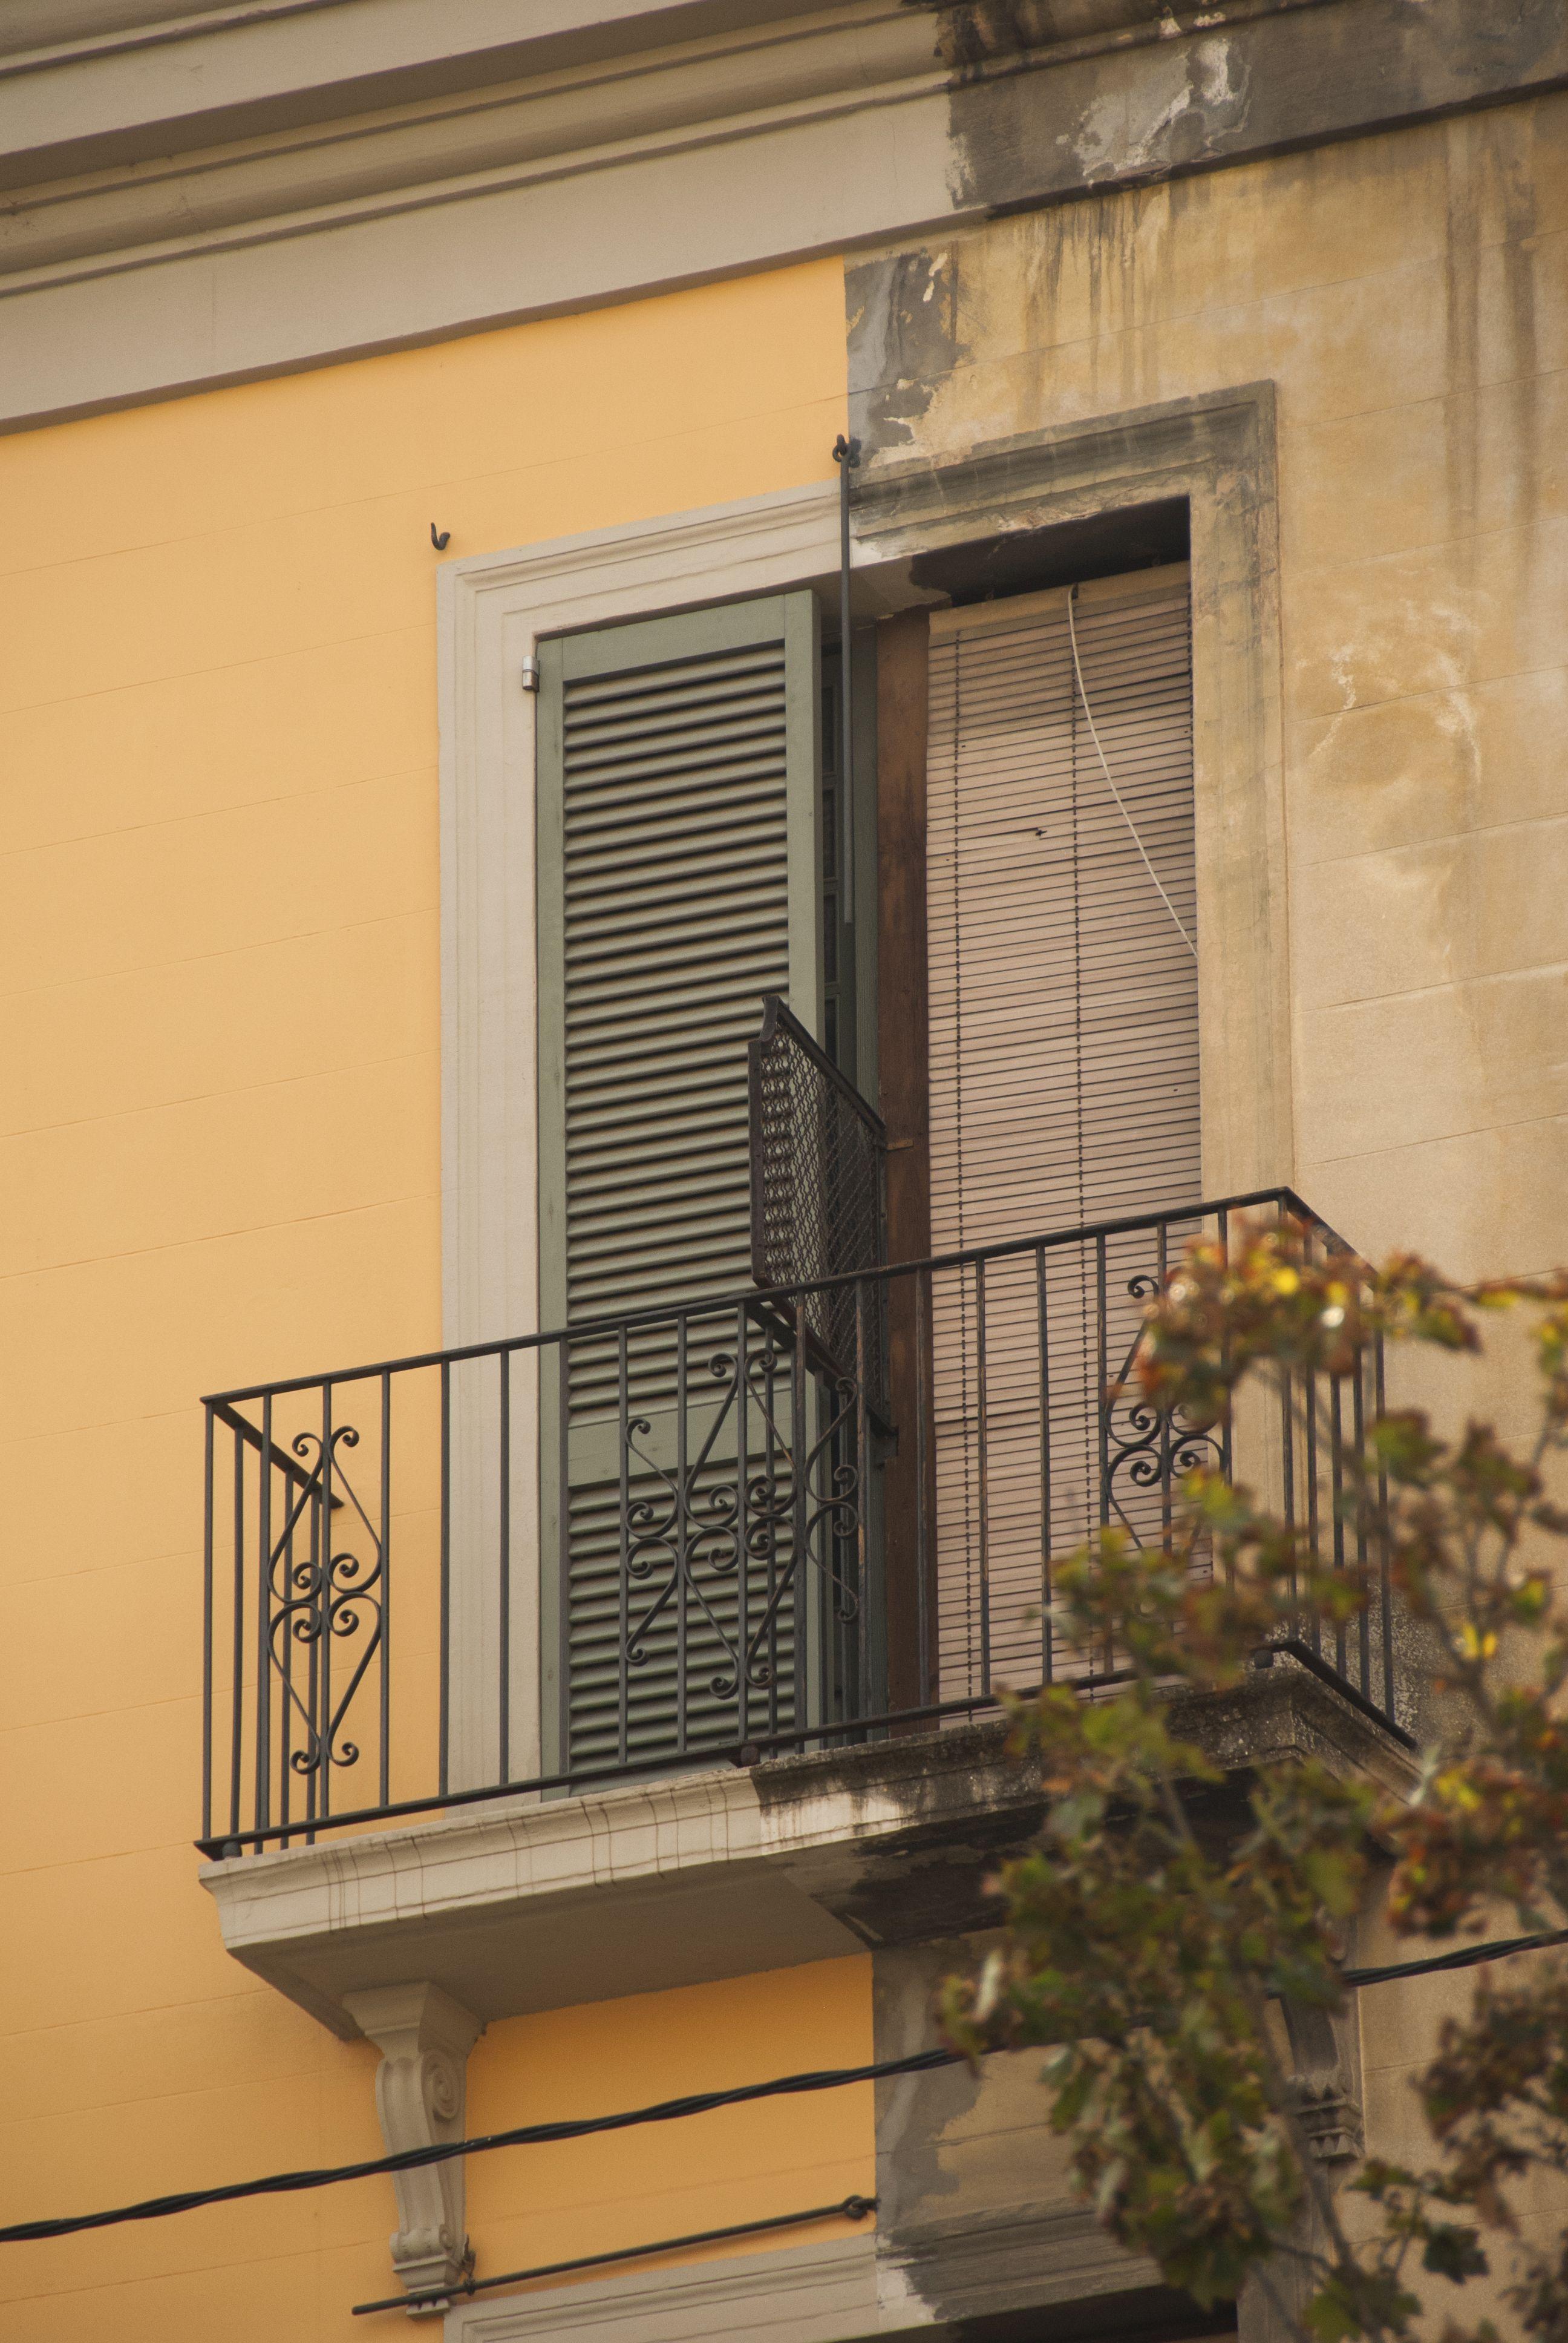 Aislamiento térmico y acústico en Mallorca